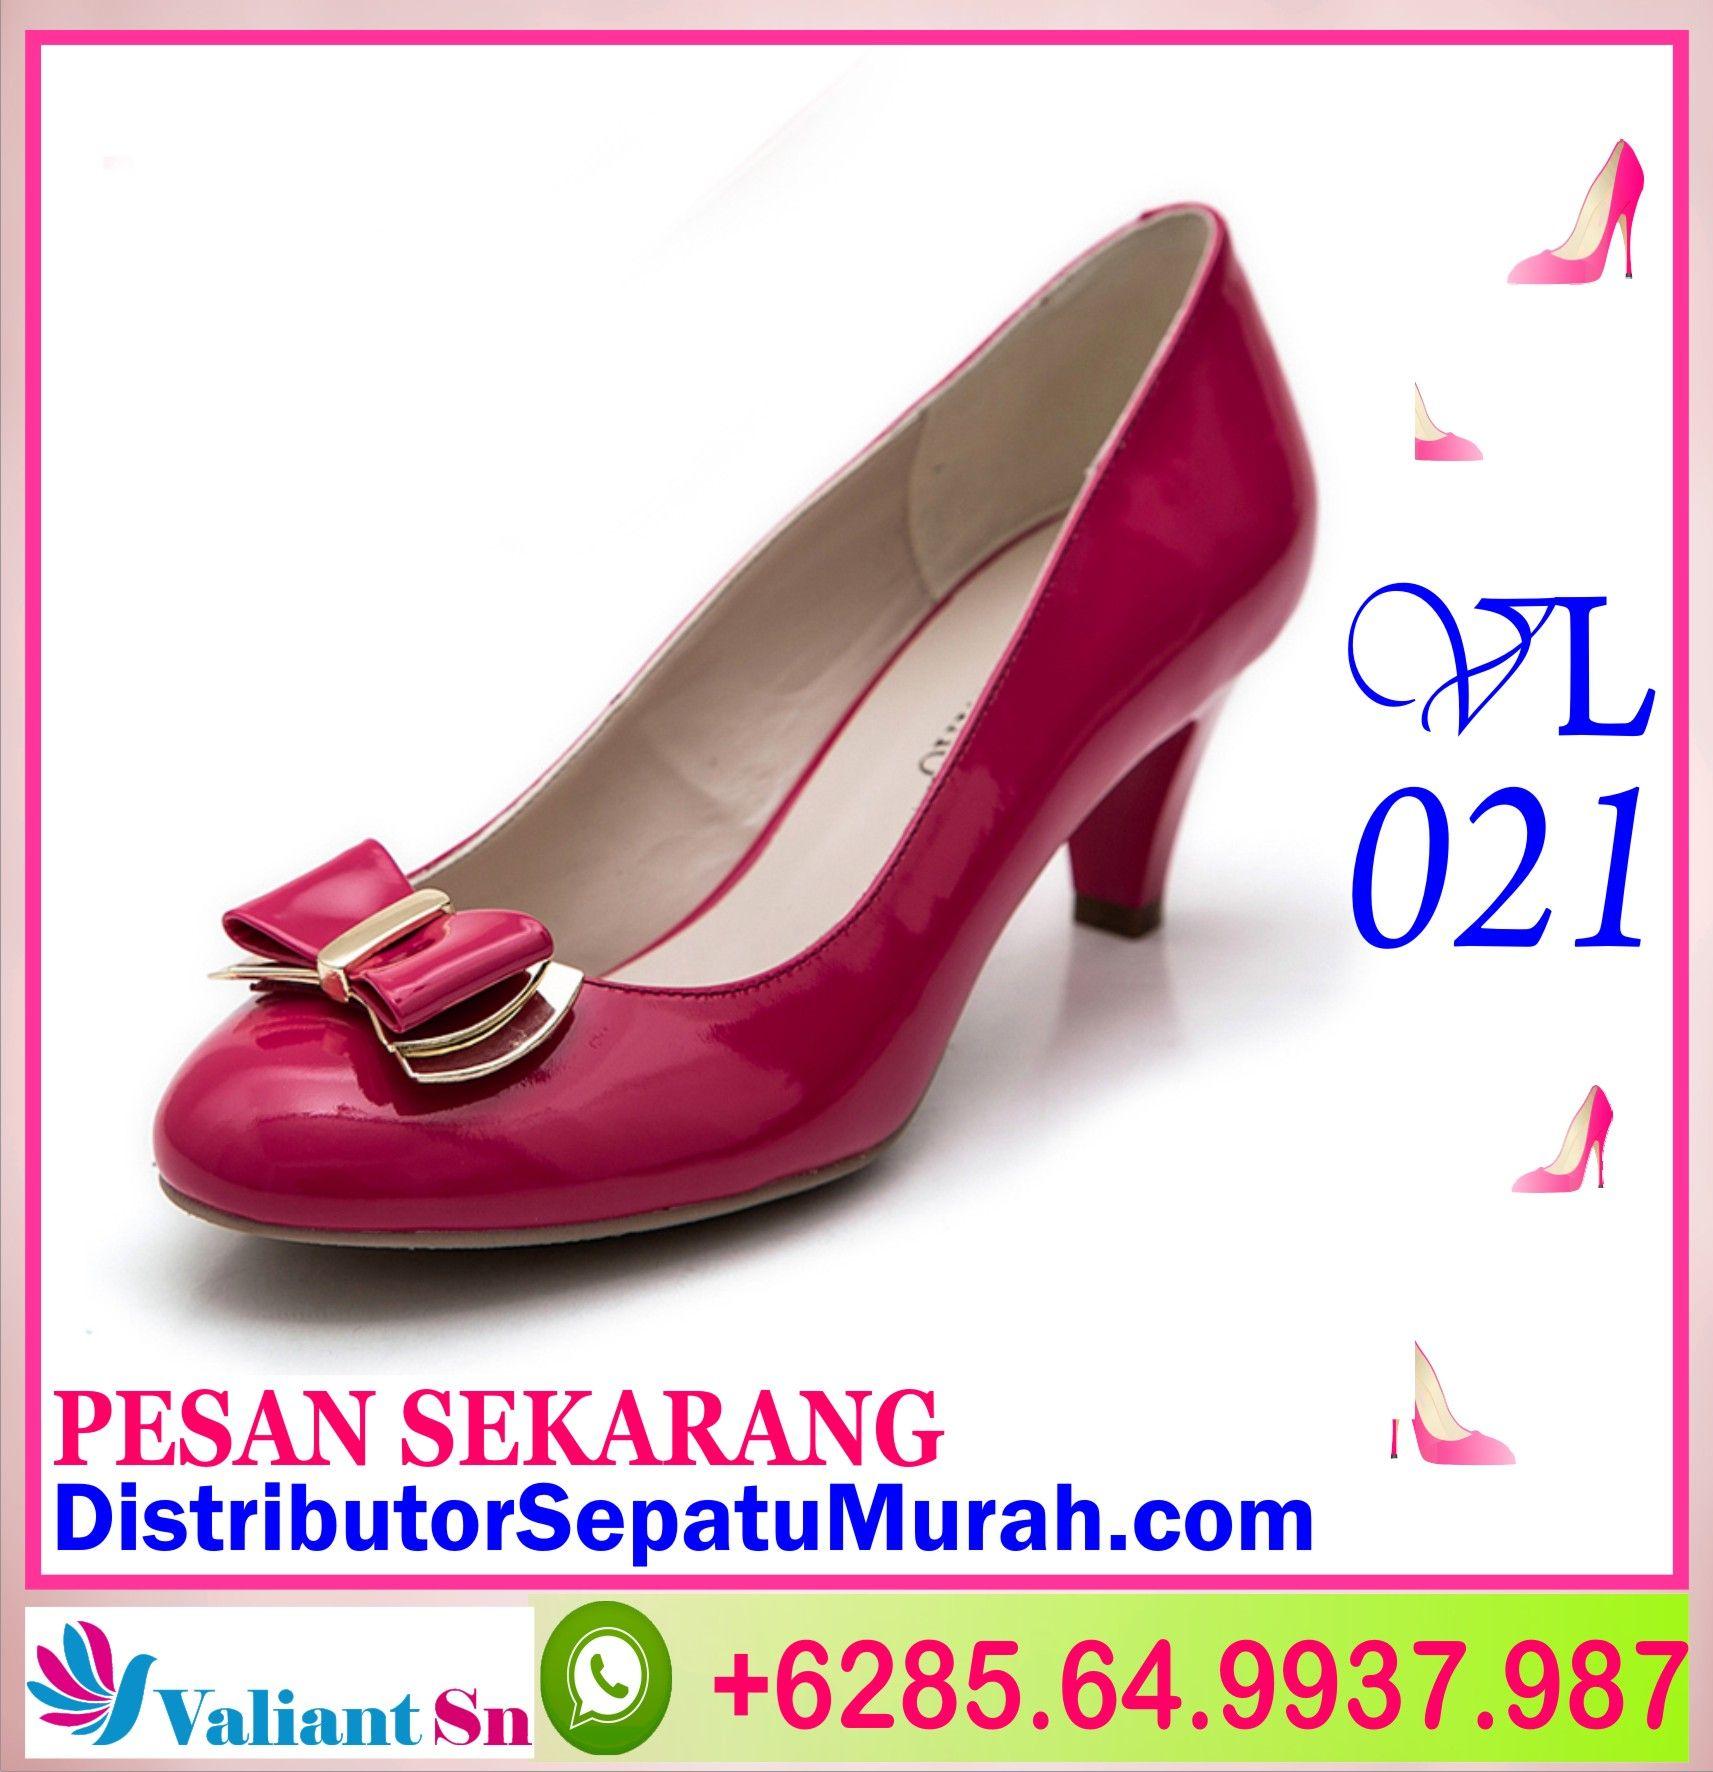 Testimoni Sepatu Sepatu Online Dan Wanita